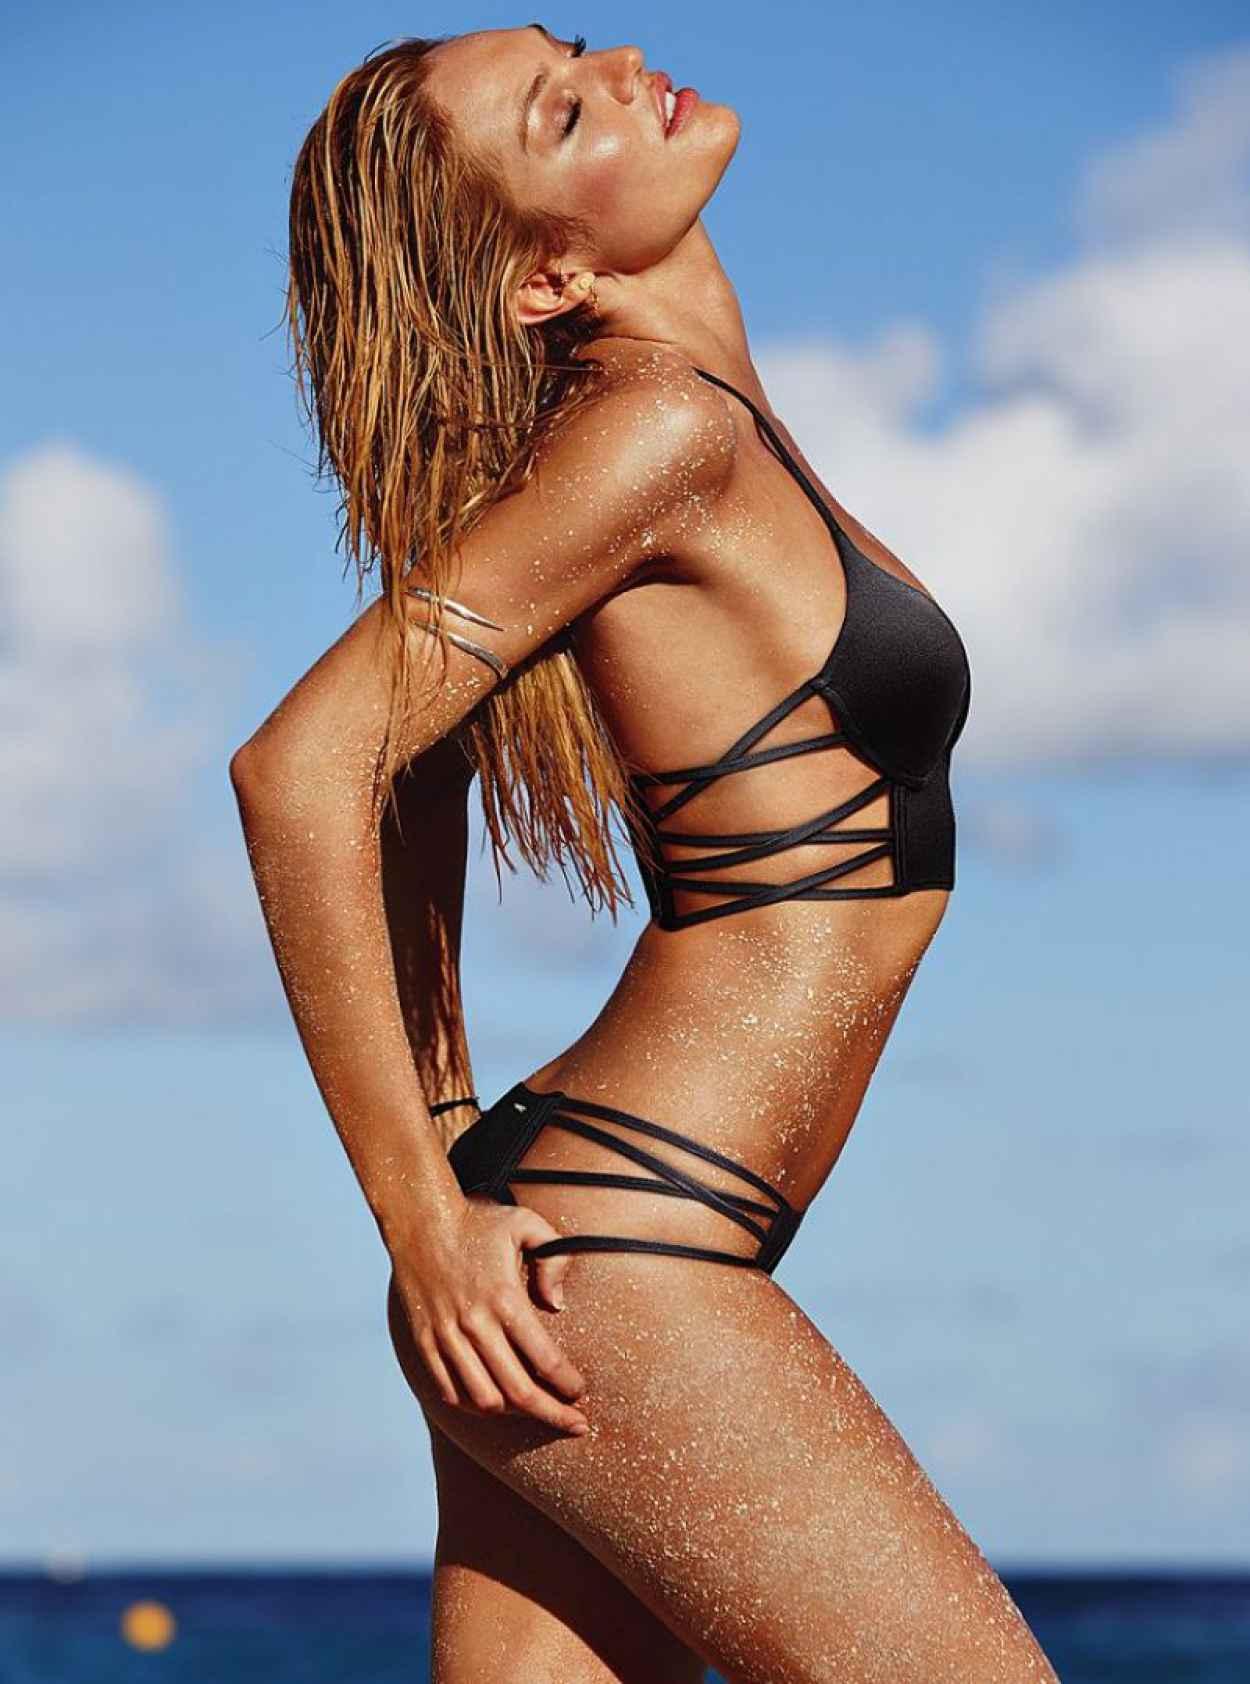 Candice swanepoel bikini shoot that necessary